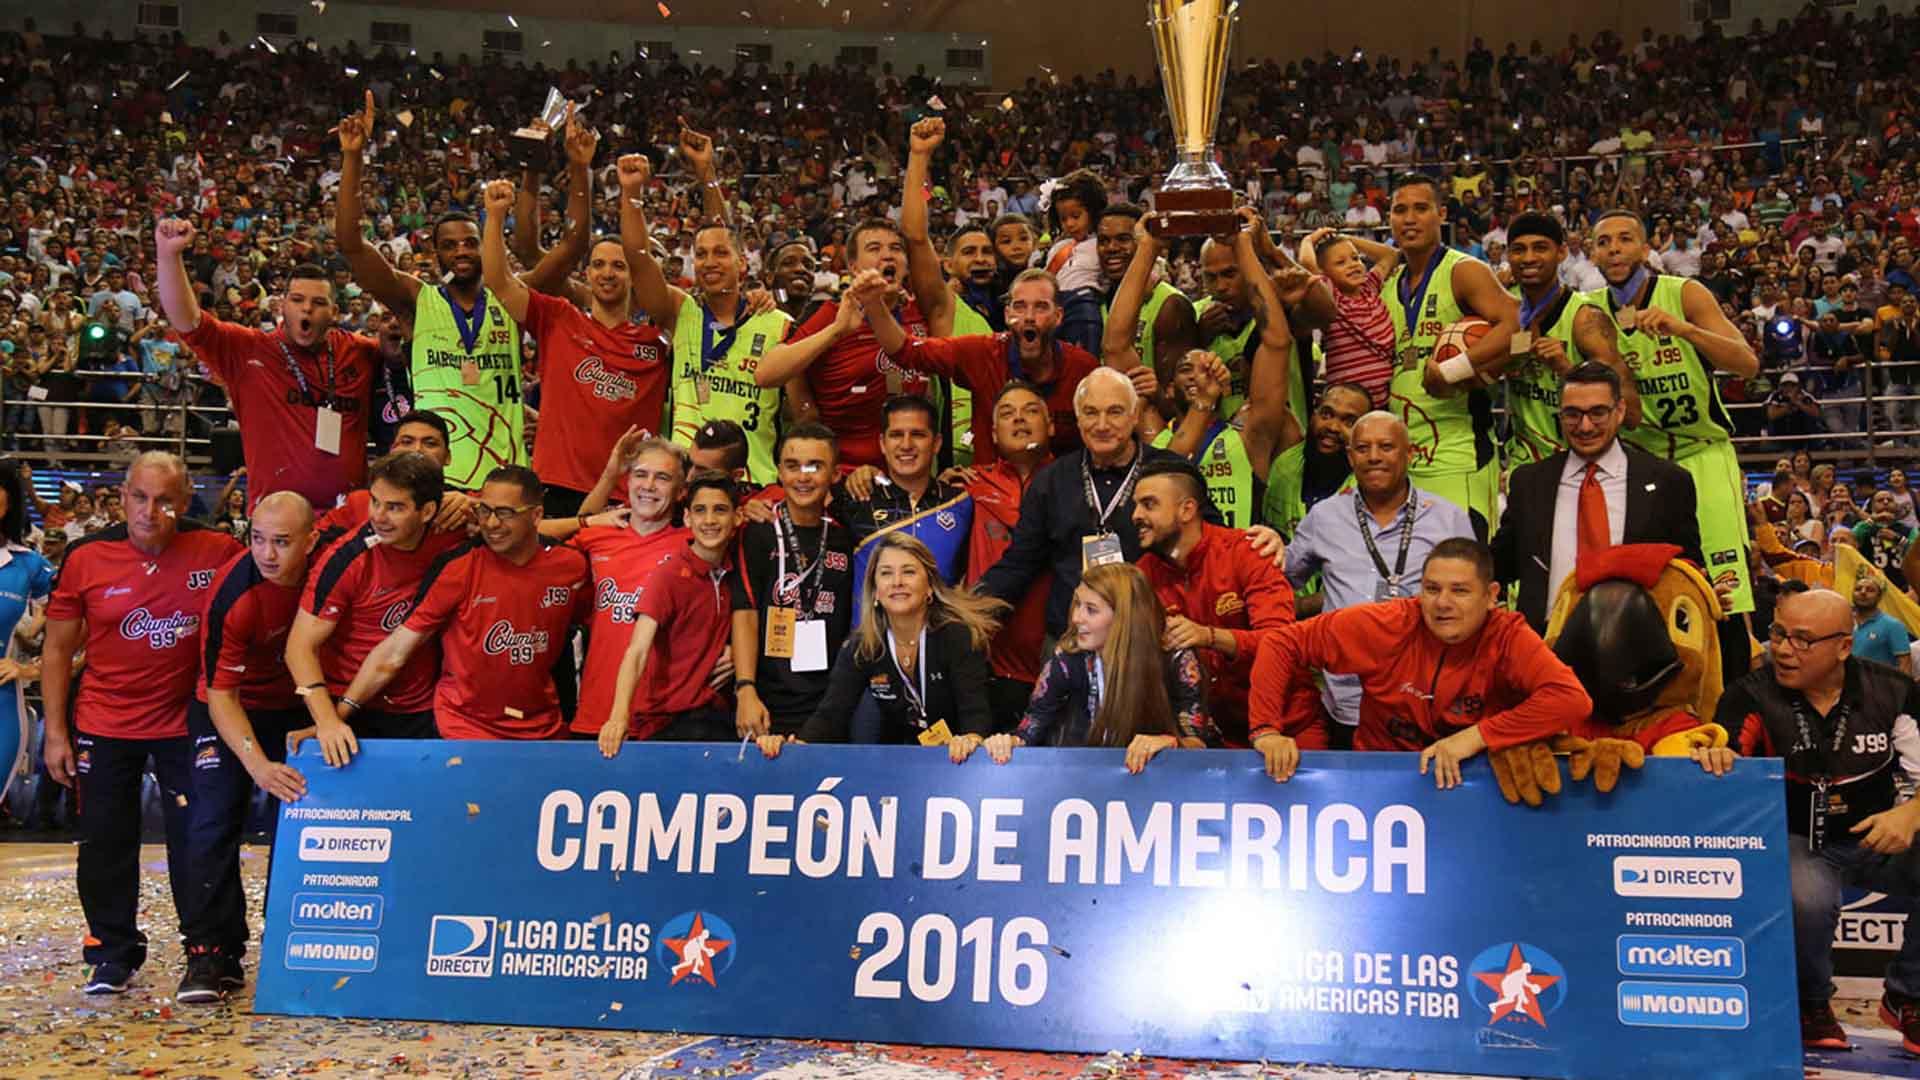 Gracias al título alcanzado por Guaros de Lara, la LPB tendrá un pase adicional para el torneo de 2017